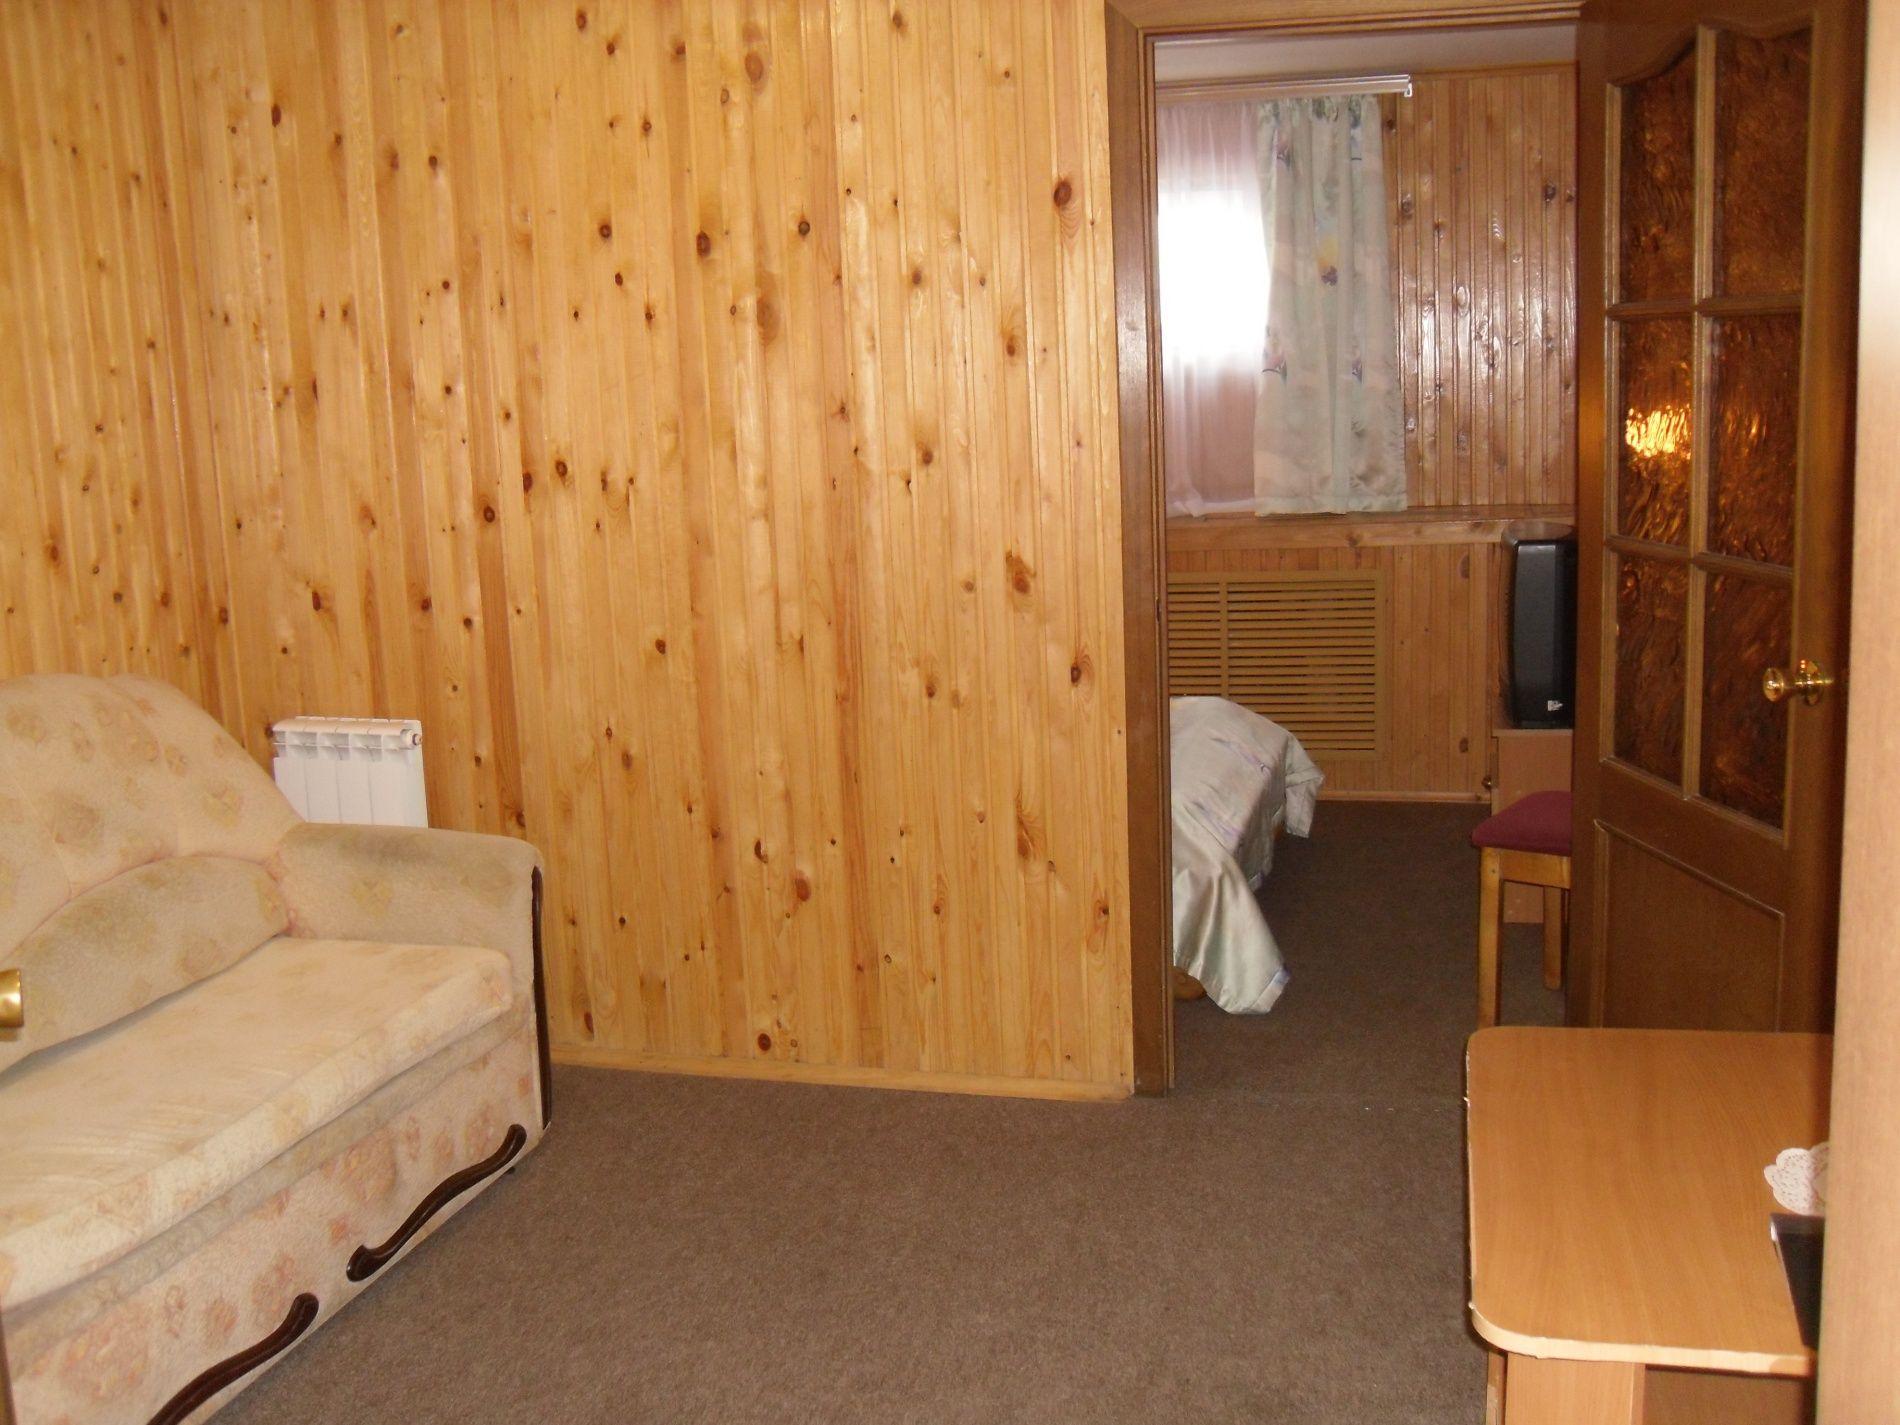 Туристический комплекс «Мирная Пристань» Ивановская область 2-комнатный номер 1 категории (№ 2, 5, 7), фото 5